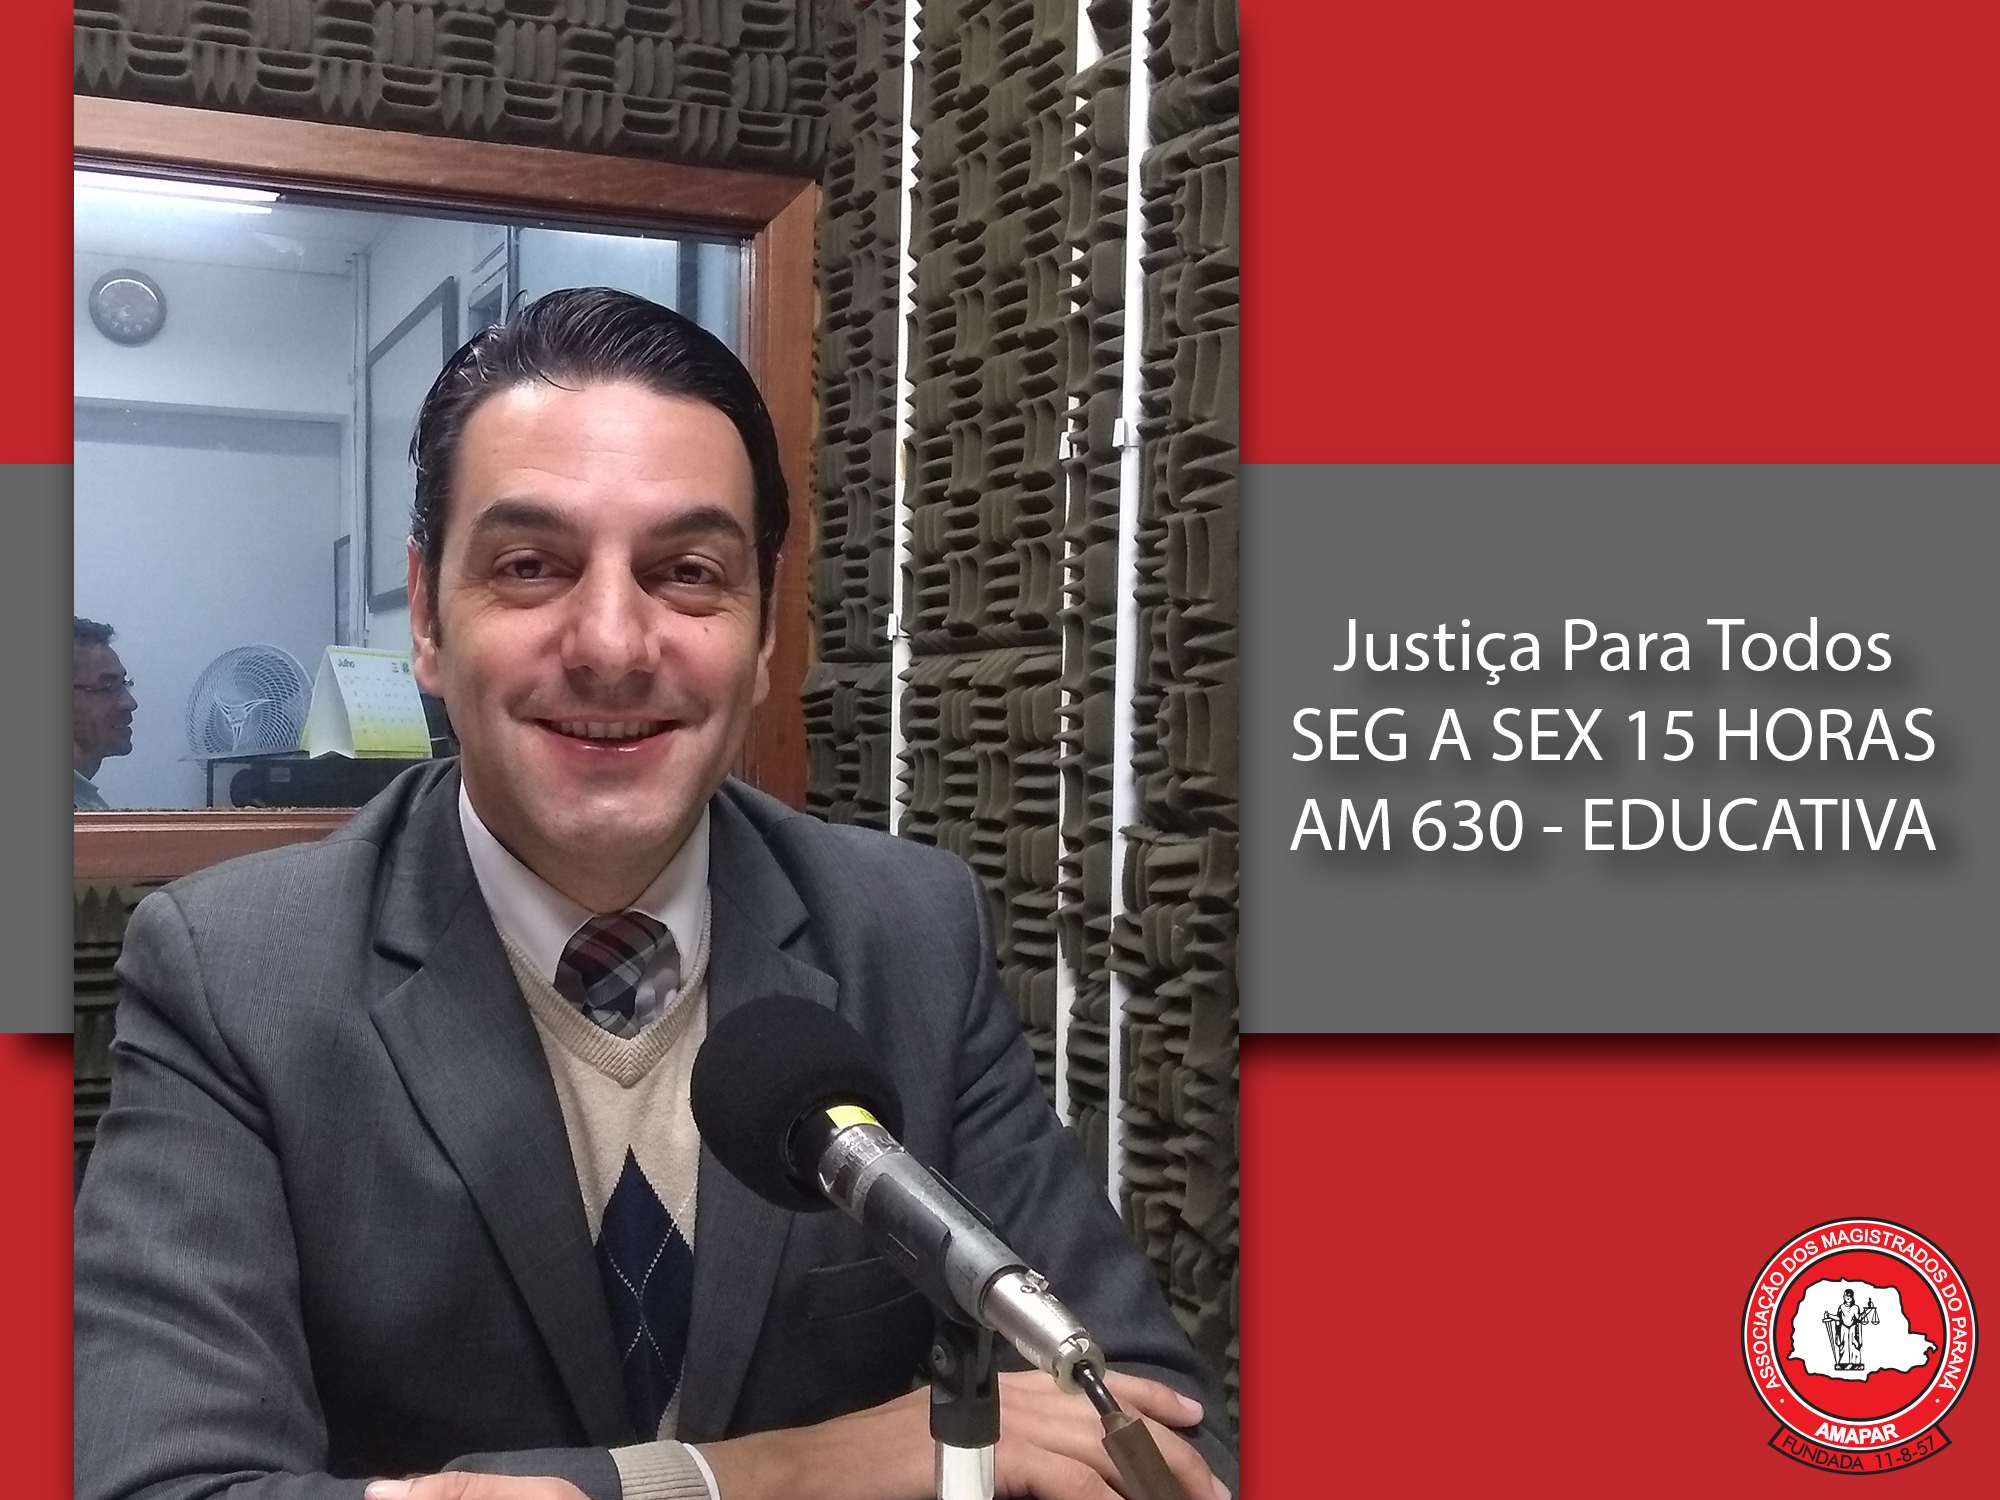 O advogado Martim Afonso Palma conversa com o Justiça para Todos sobre a responsabilidade médica e hospitalar